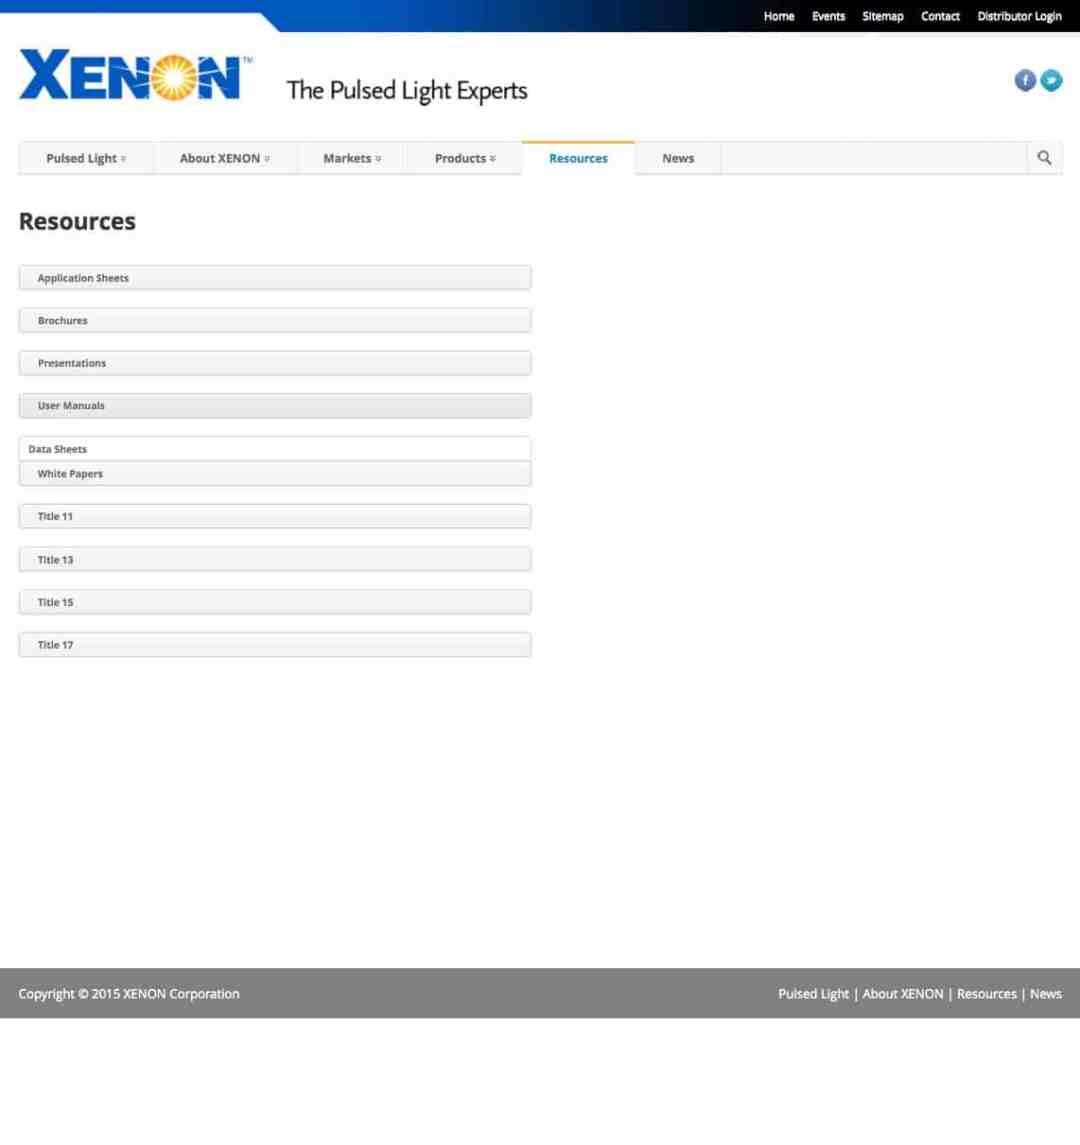 XENON006